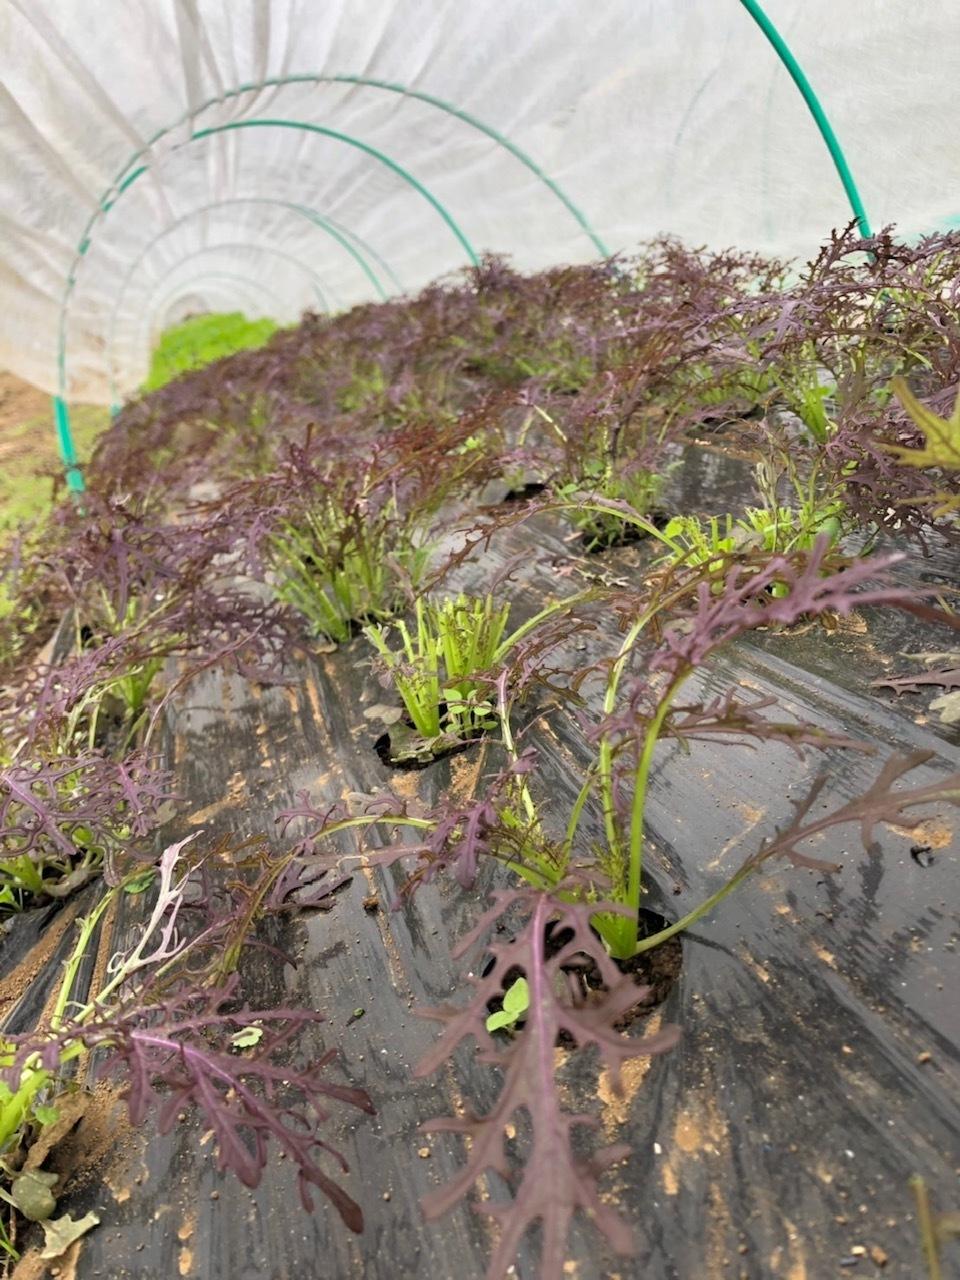 今朝は3人体制 畝を6本一気に作りました 蚕豆 エンドウ豆 スナップエンドウ 蕪 ほうれん草の畝です_c0222448_11571042.jpg